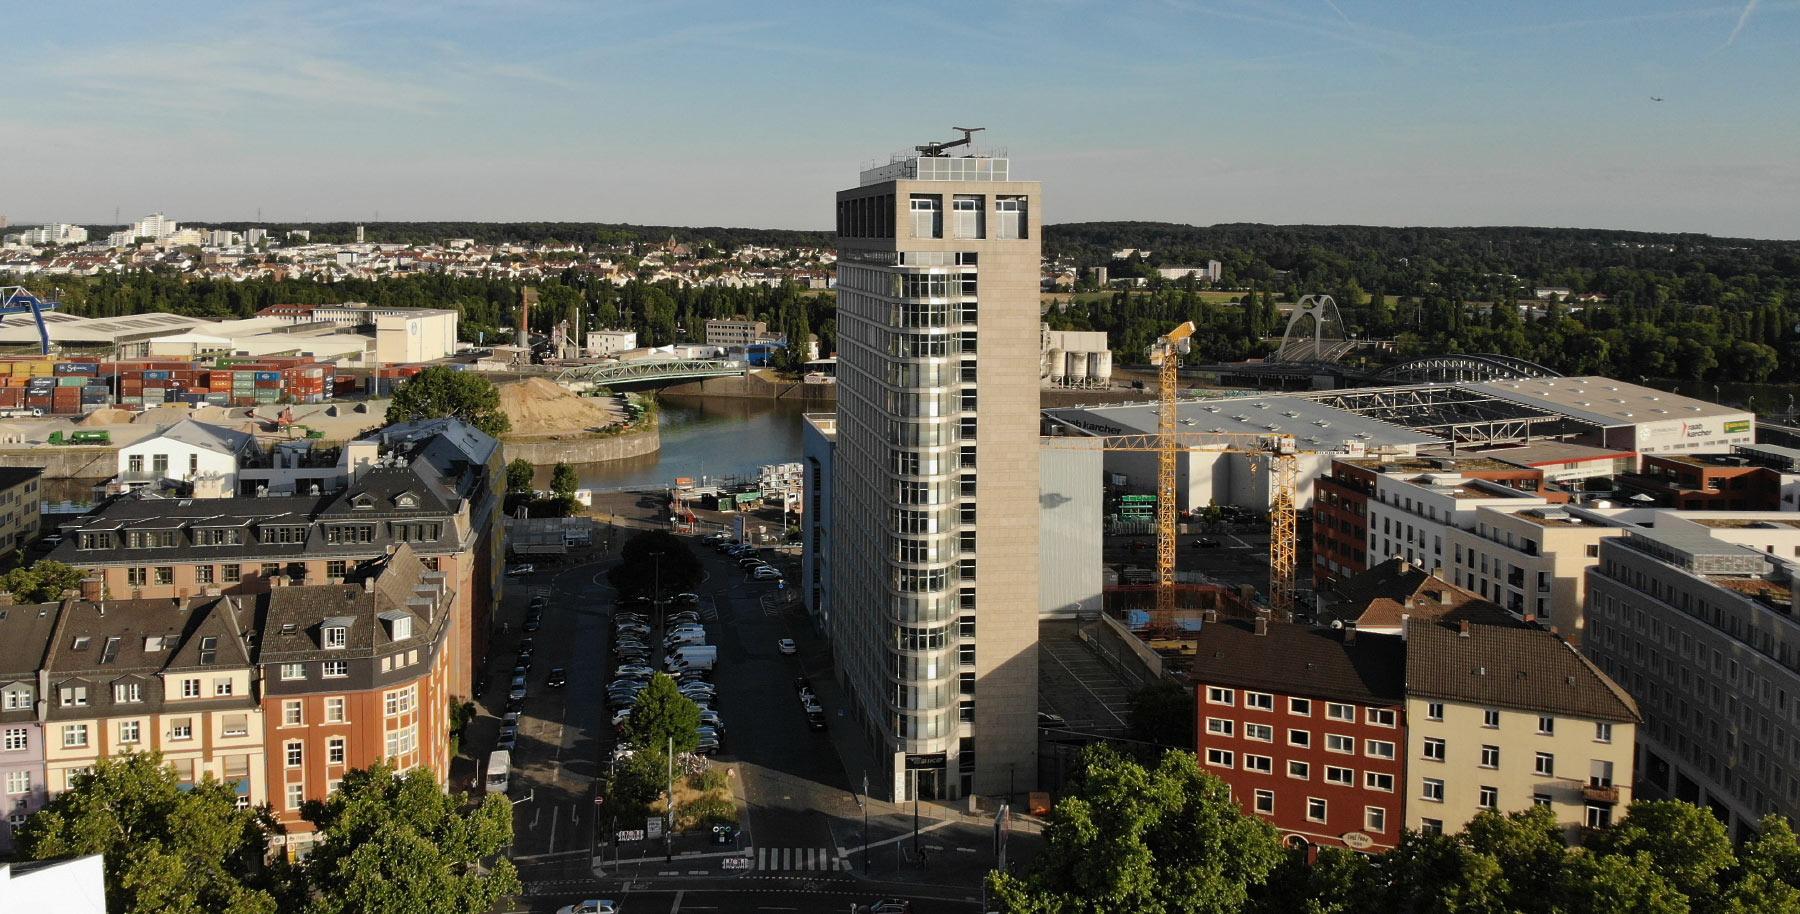 Light Tower Frankfurt - Lighttower an der Hanauer Landstraße - Ostend Frankfurt - Eastside Frankfurt Hochhaus - Deka Gruppe